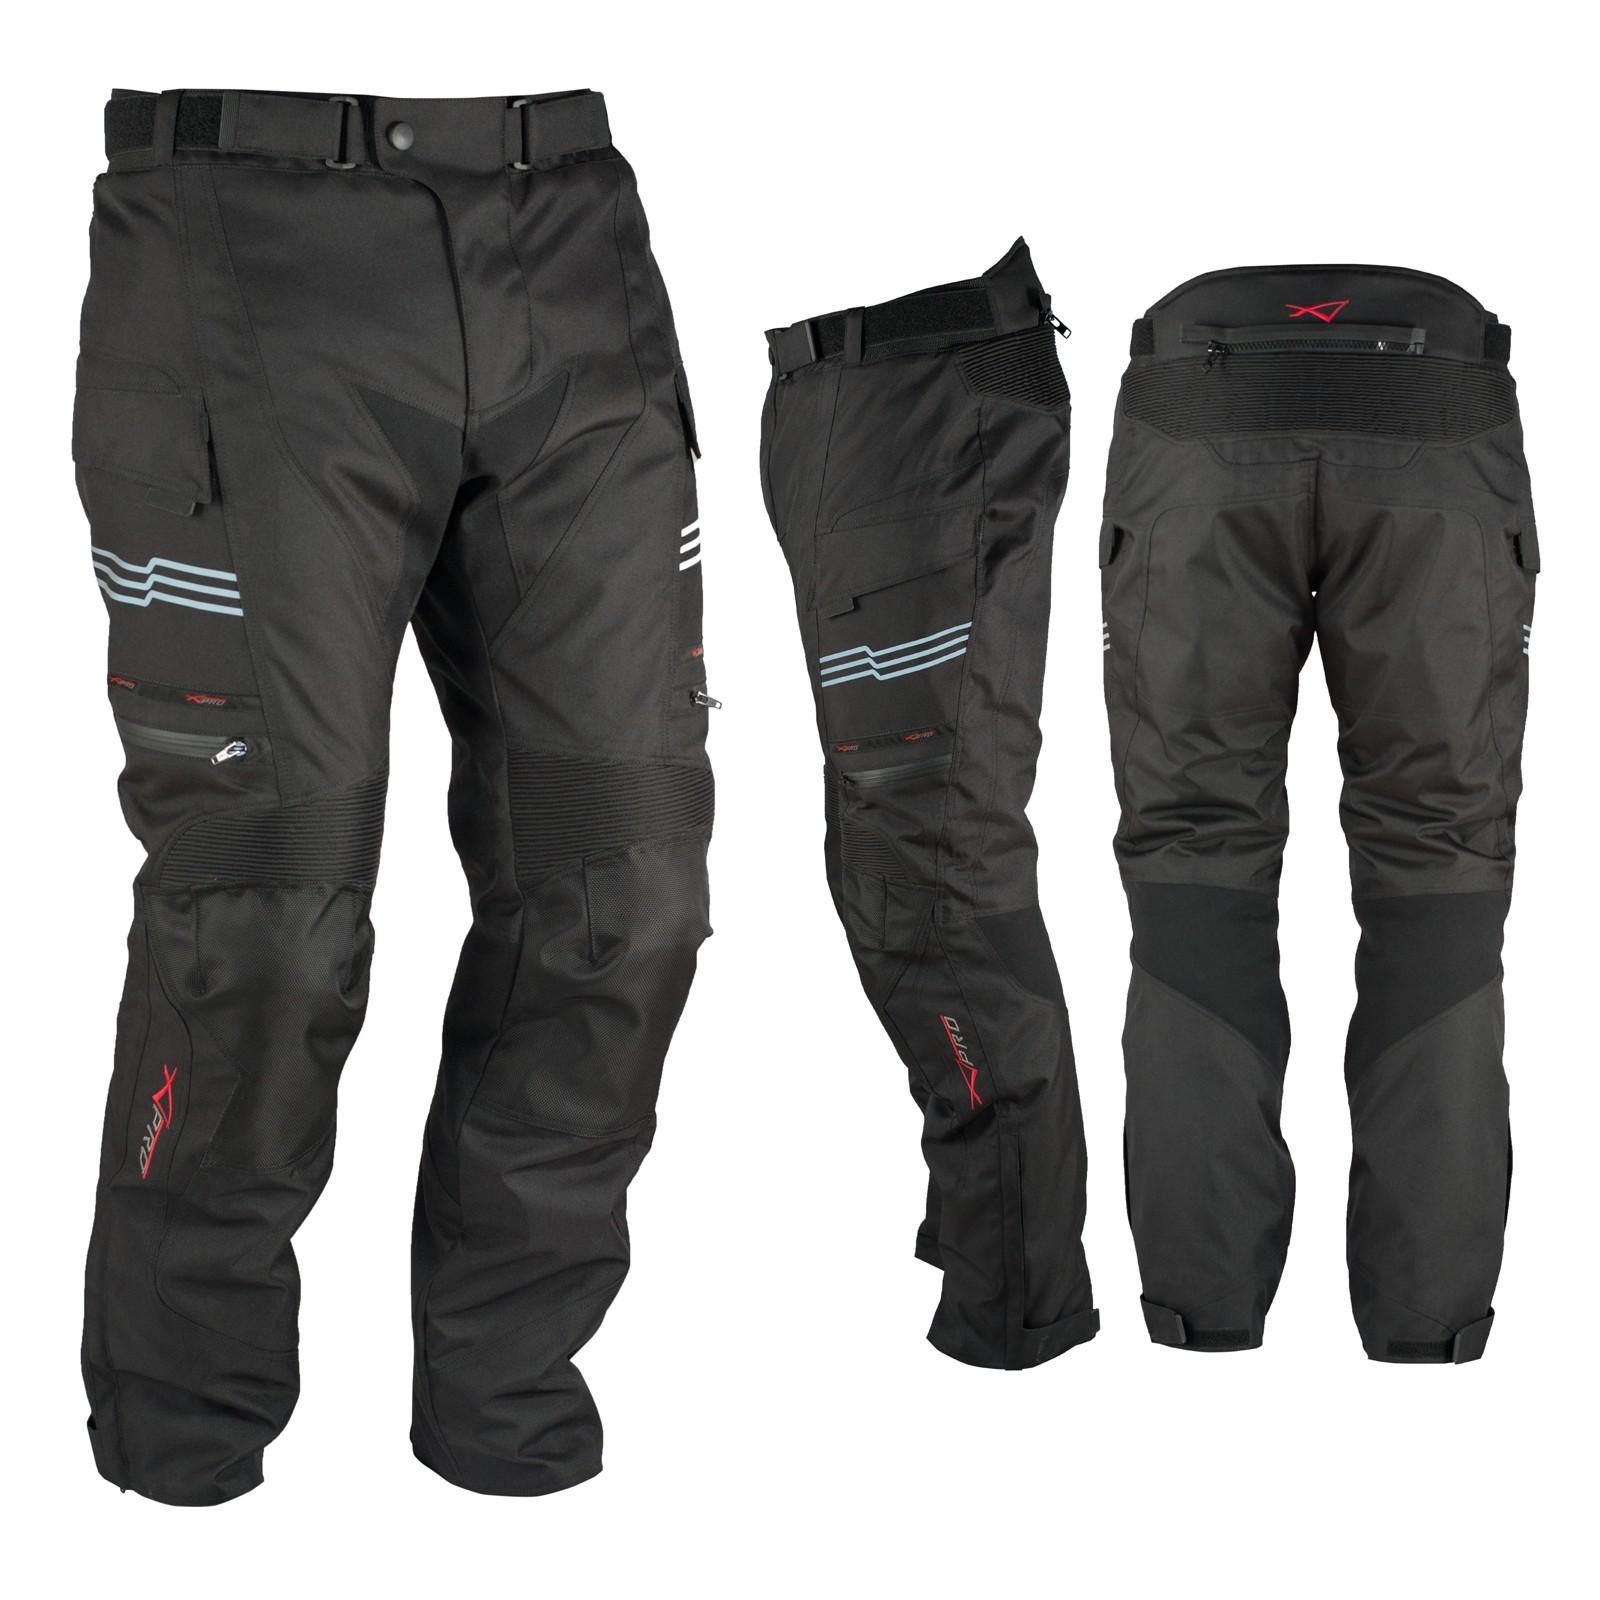 Noir Thermique Pantalon Protections Ce Moto Impermeable hdCQrts